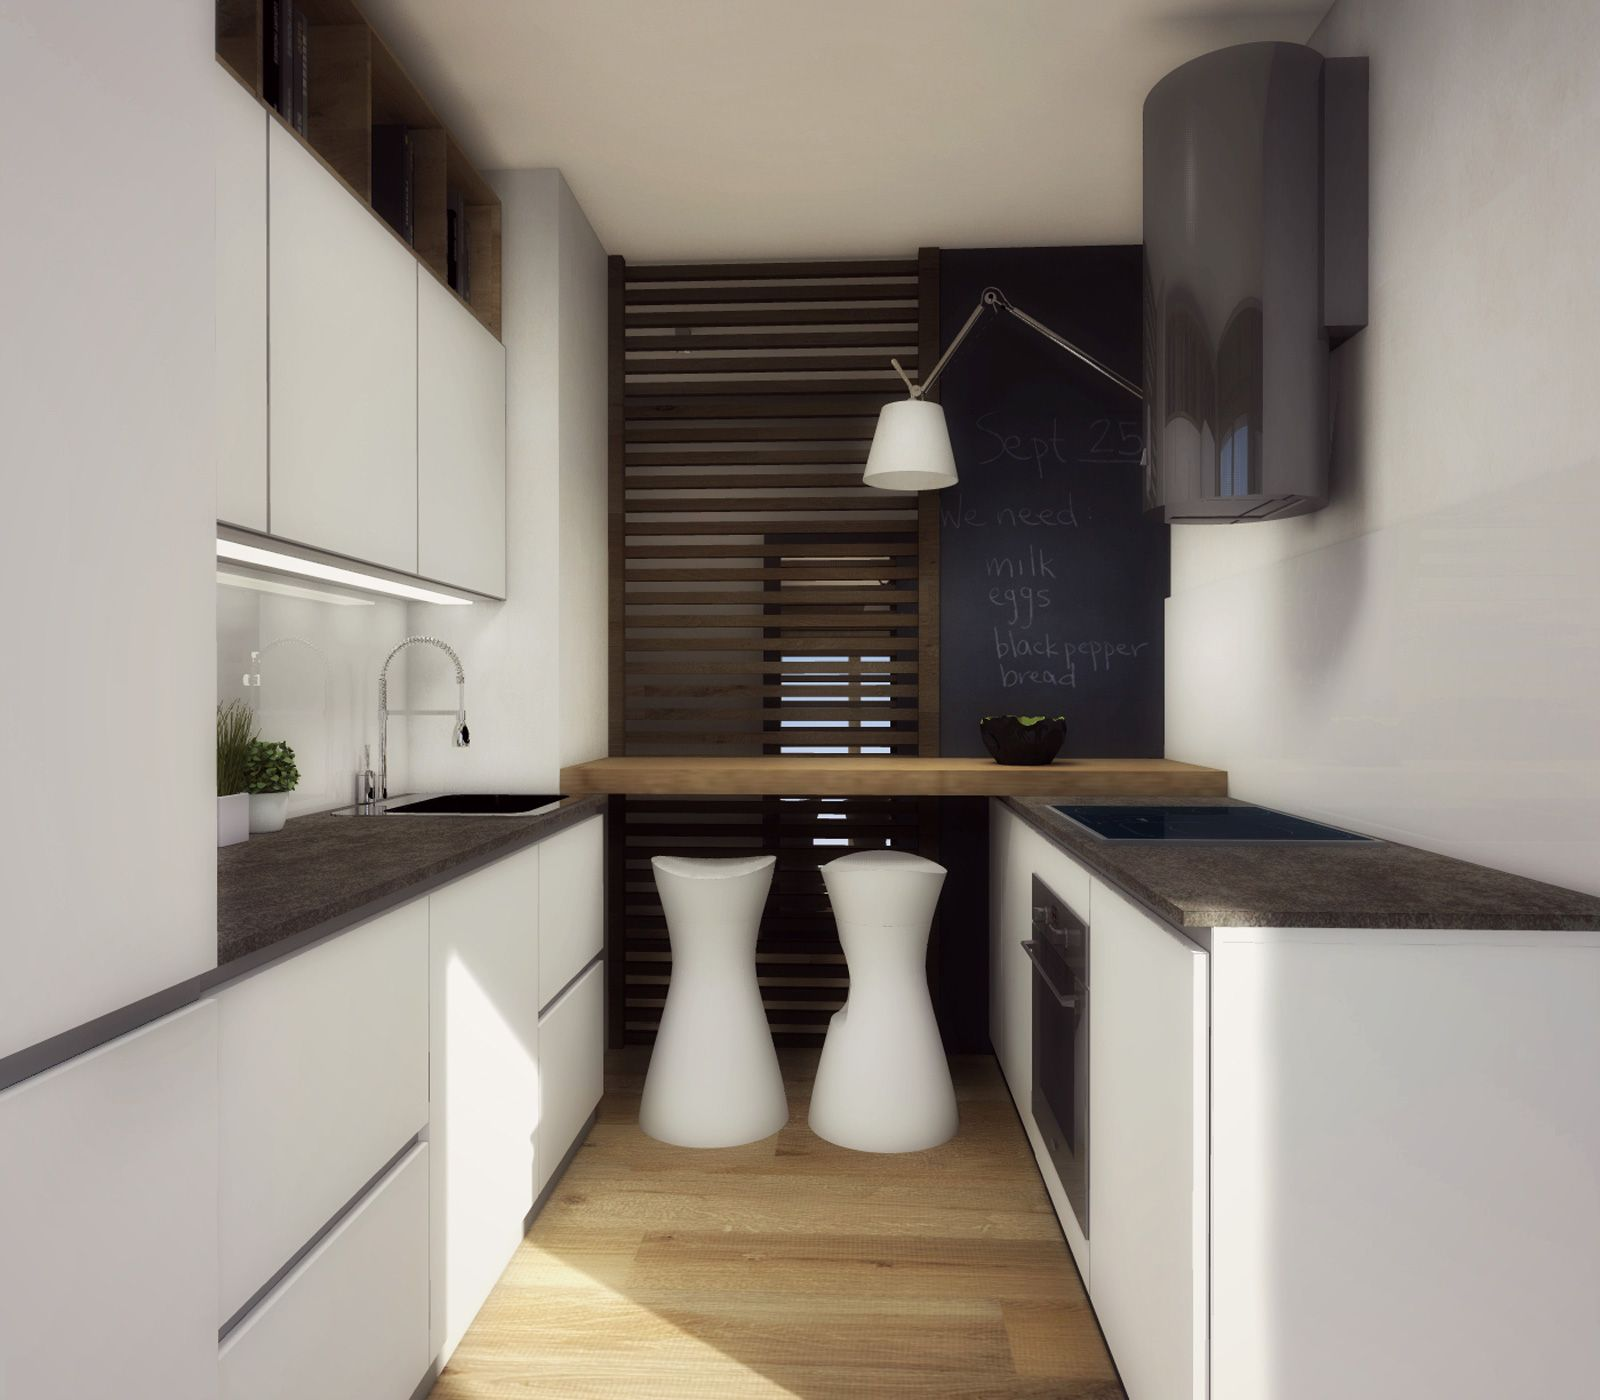 Una cucina piccola pu essere attrezzata di tutto punto ed essere anche bella da vedere ecco un - Progetto arredo cucina ...